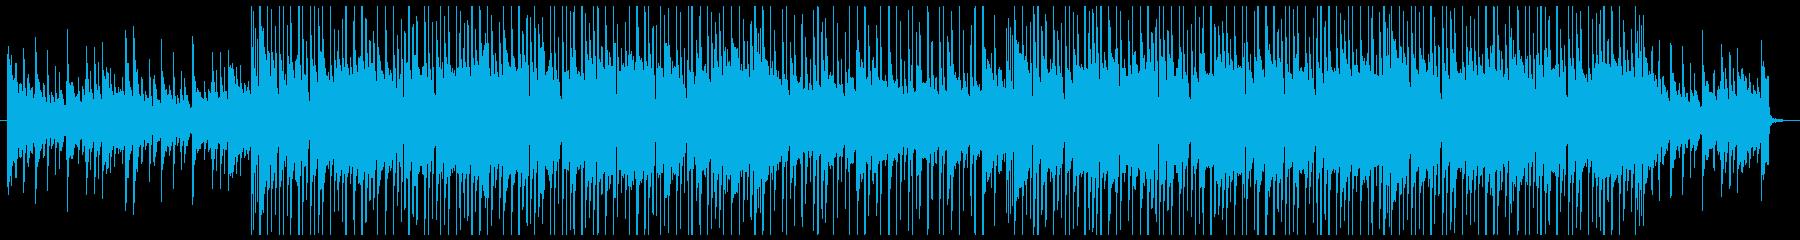 ピアノの旋律が切ないヒップホップの再生済みの波形